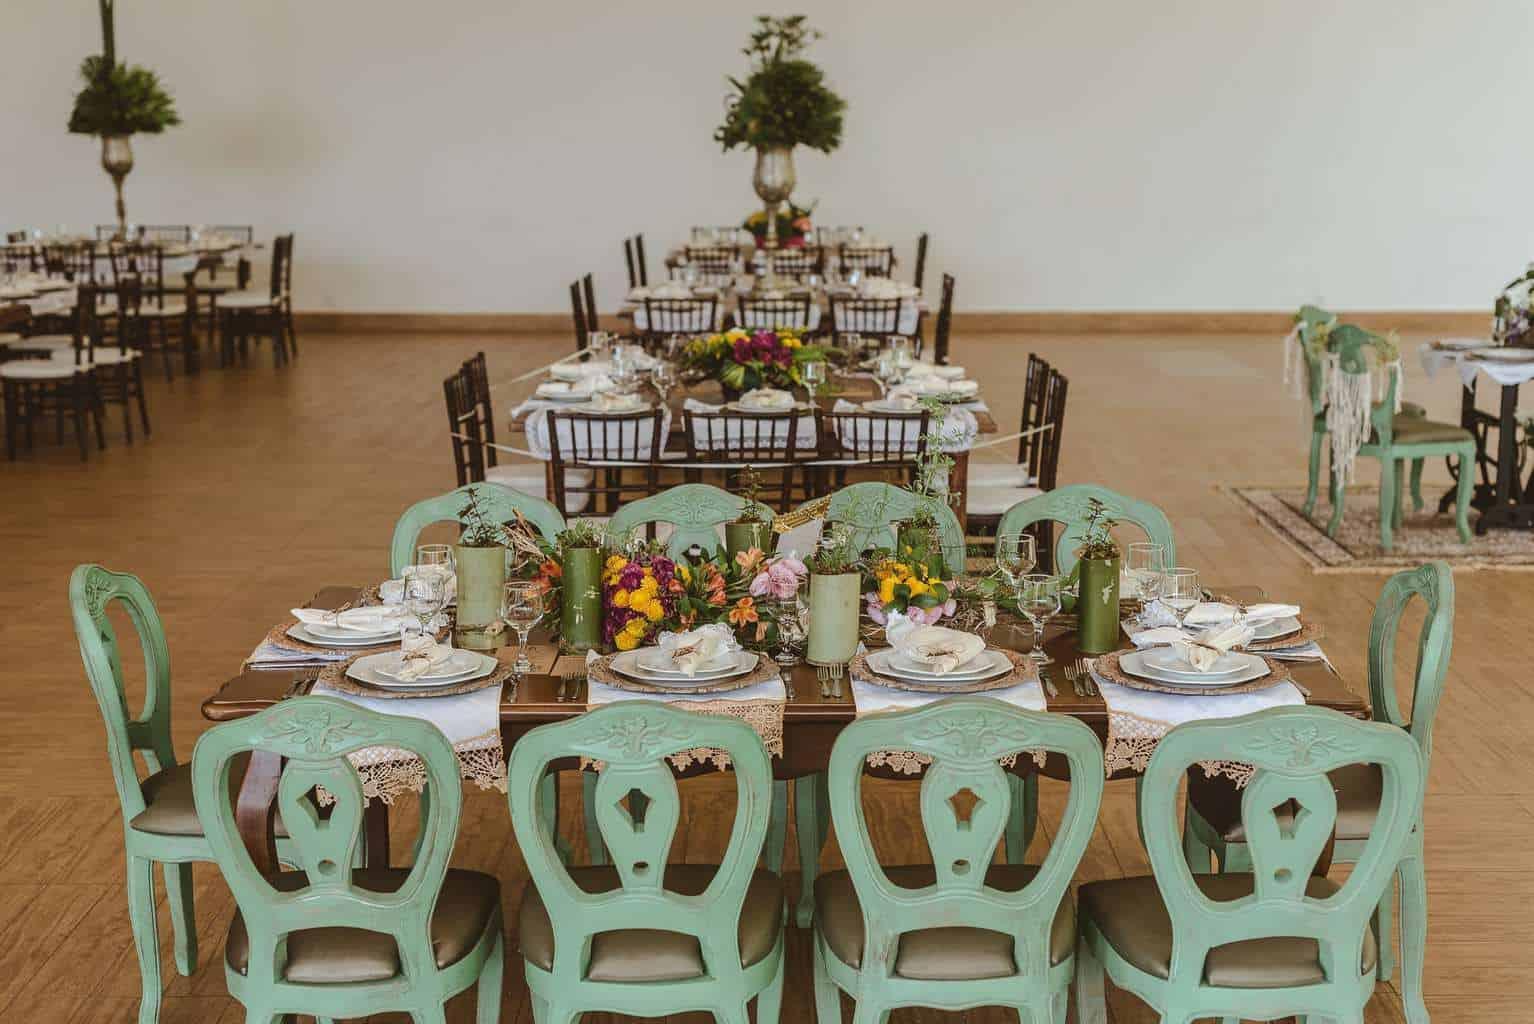 casamento-ao-ar-livre-casamento-boho-casamento-geek-casamento-rustico-casamento-Thais-e-Pedro-decoração-Revoar-Fotografia-Villa-Borghese-Eventos-13